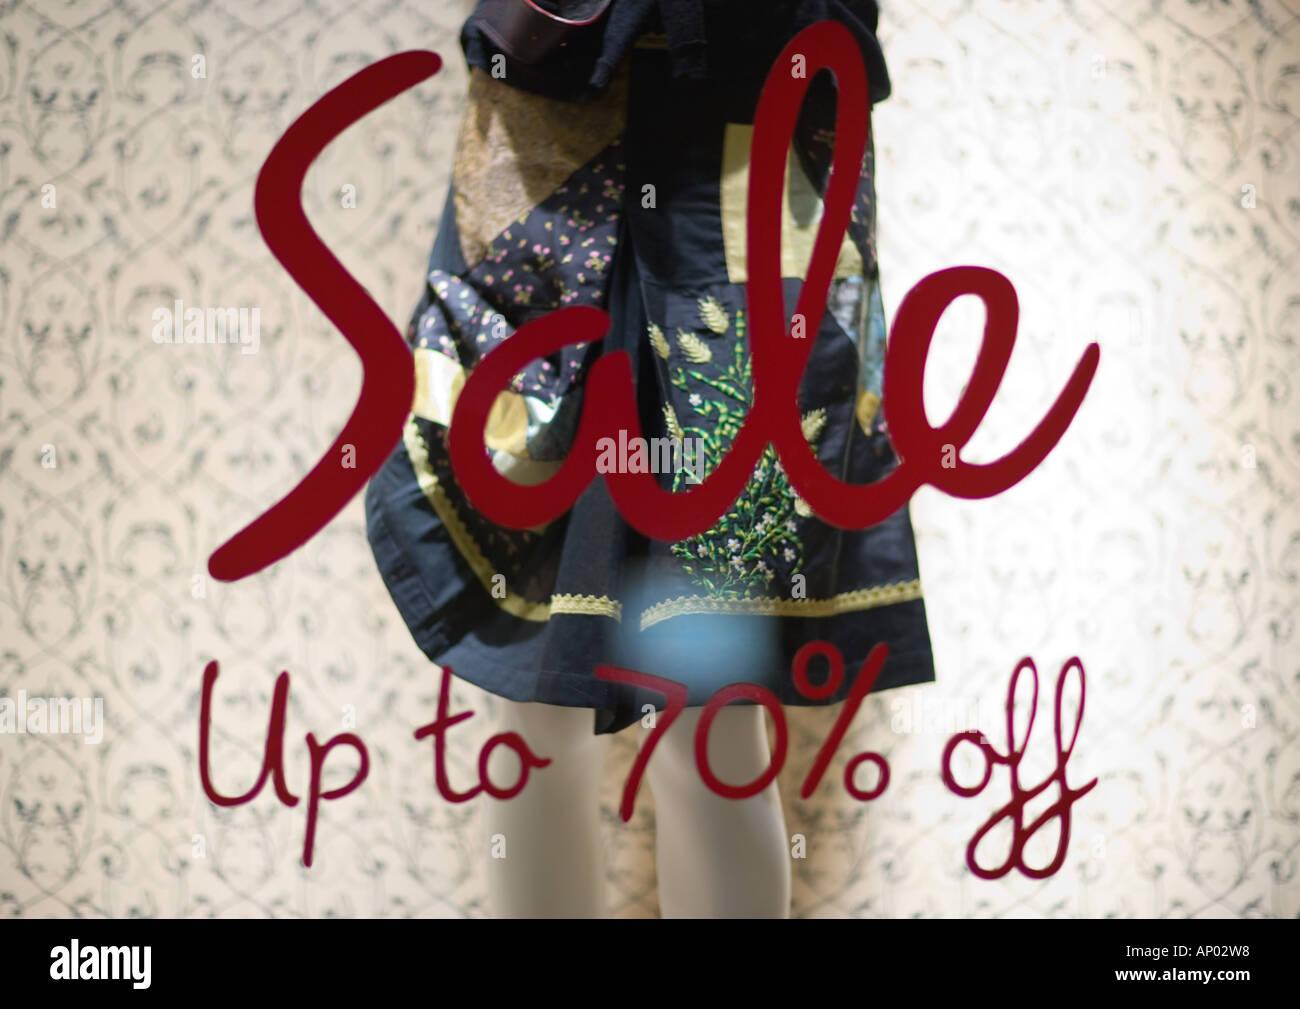 Señal de venta en escaparate Imagen De Stock